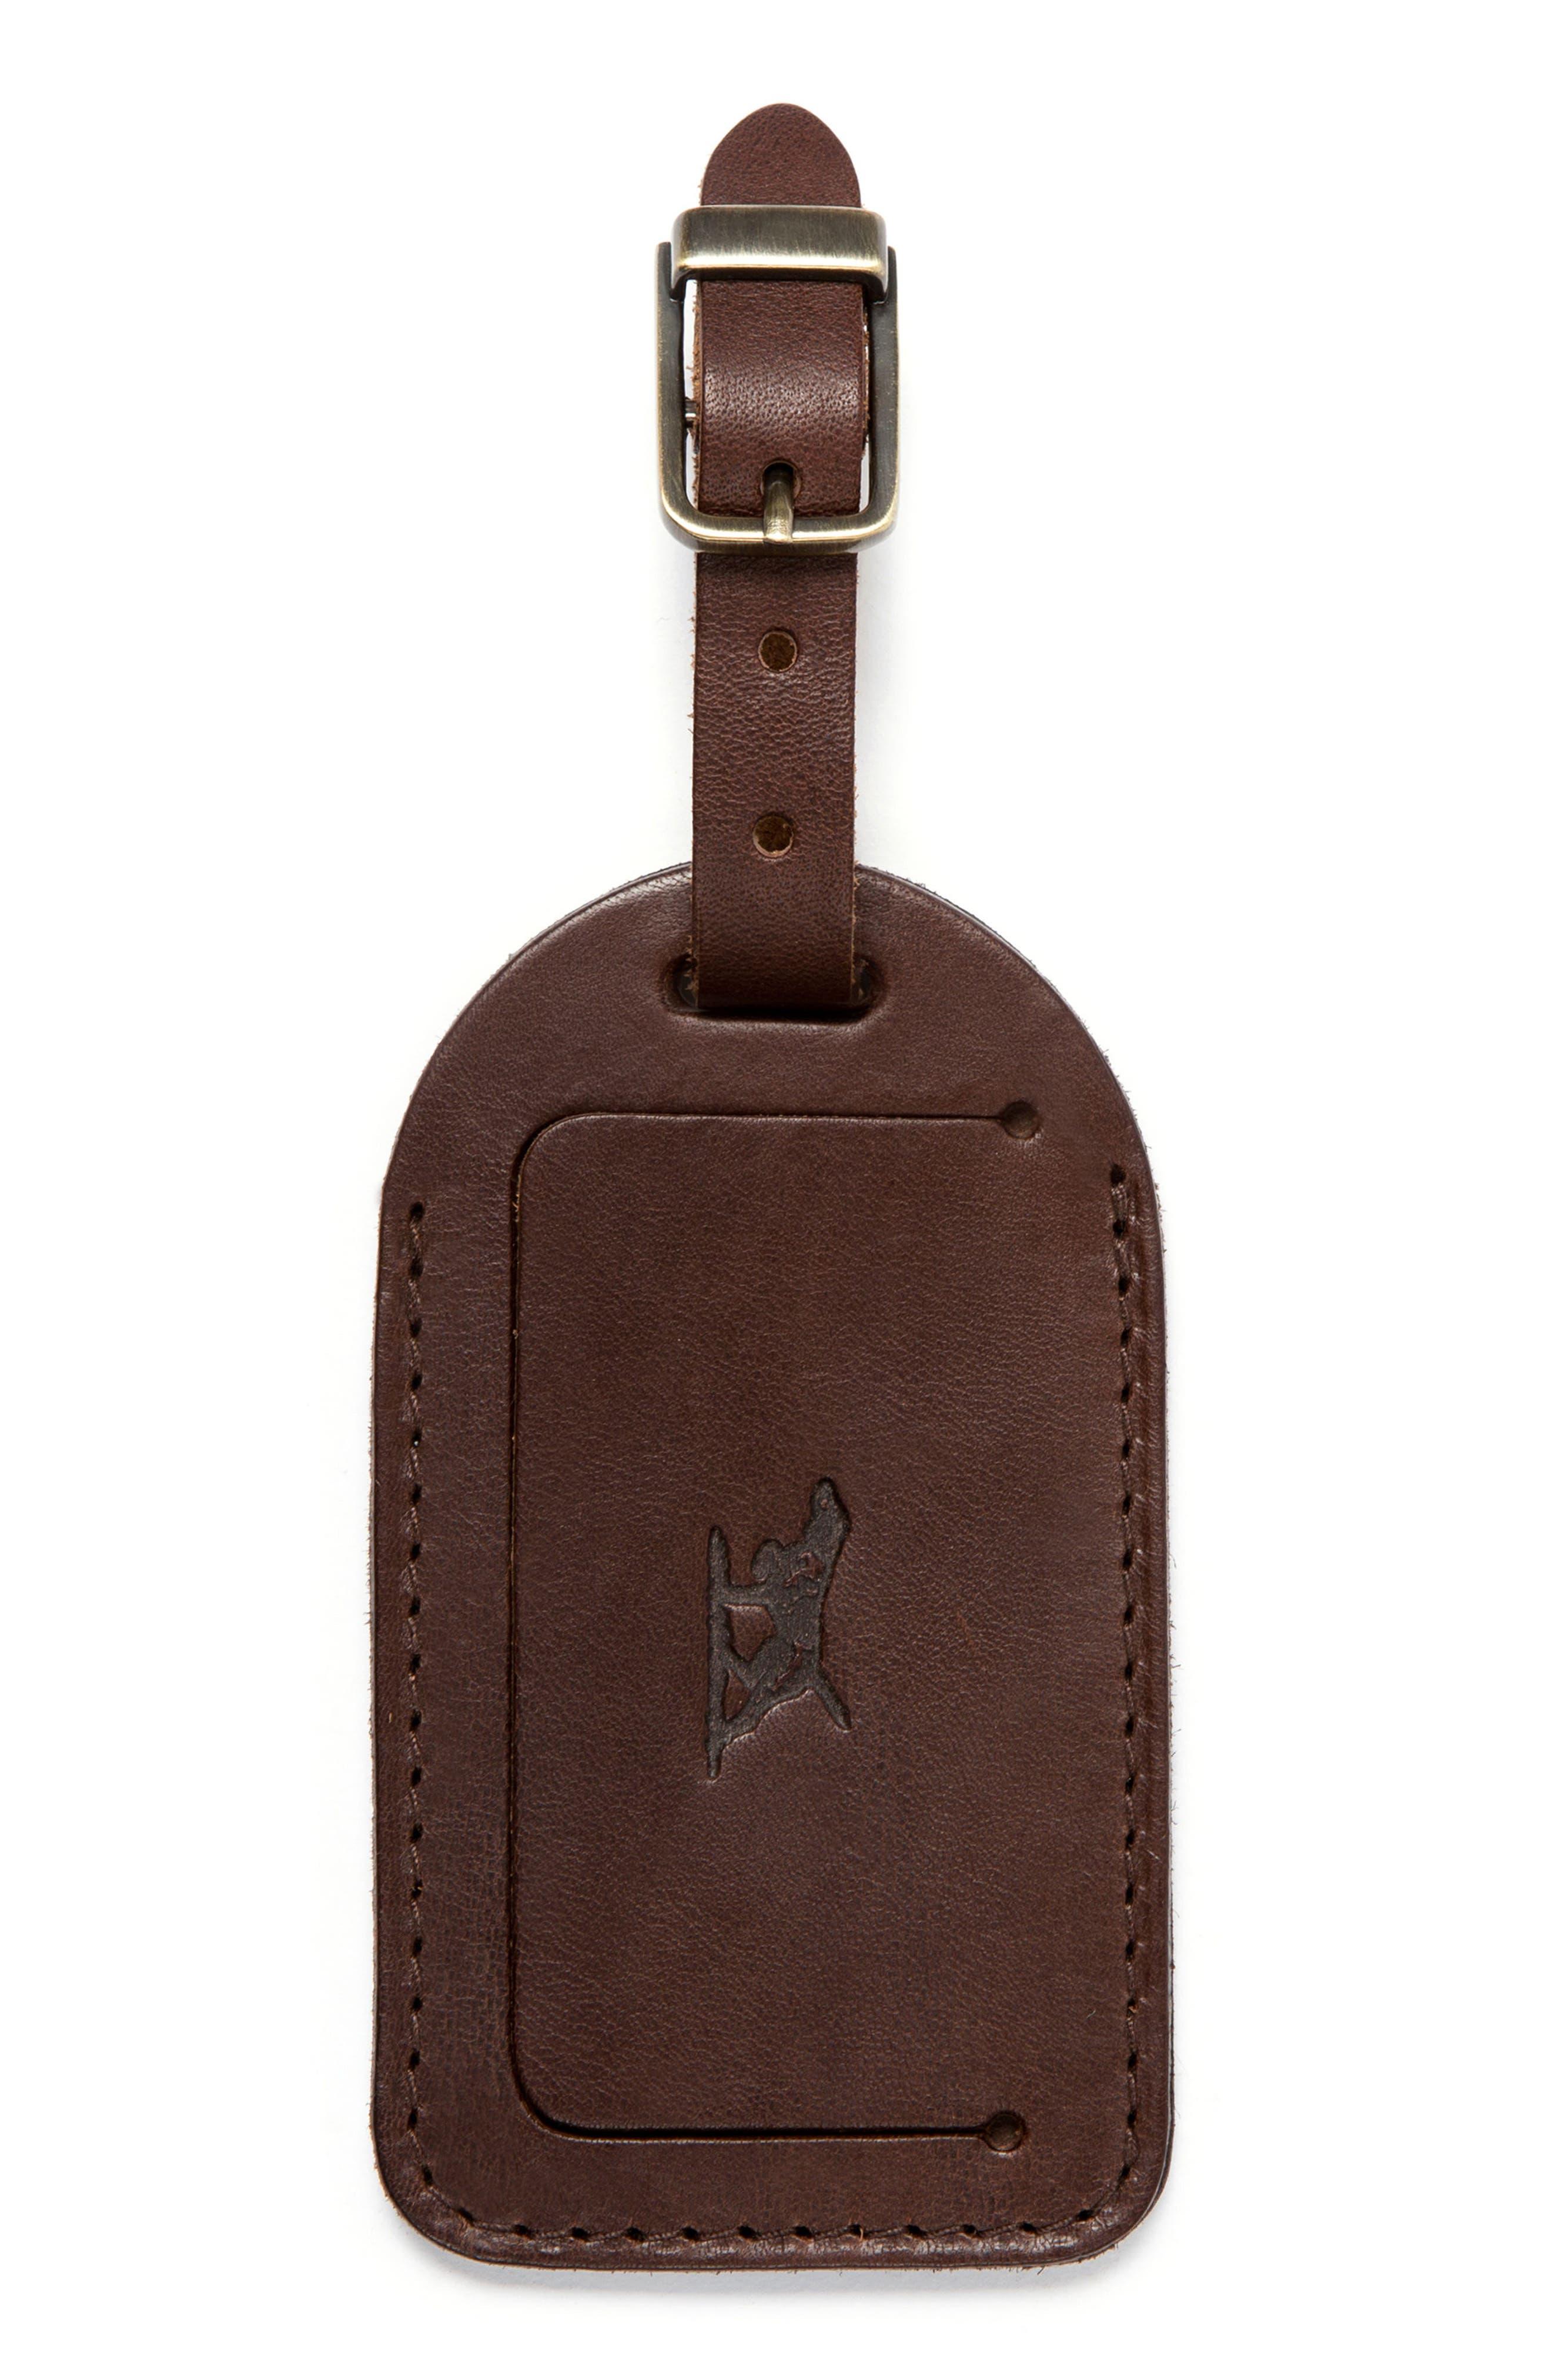 Rodd & Gunn Leather Luggage Tag